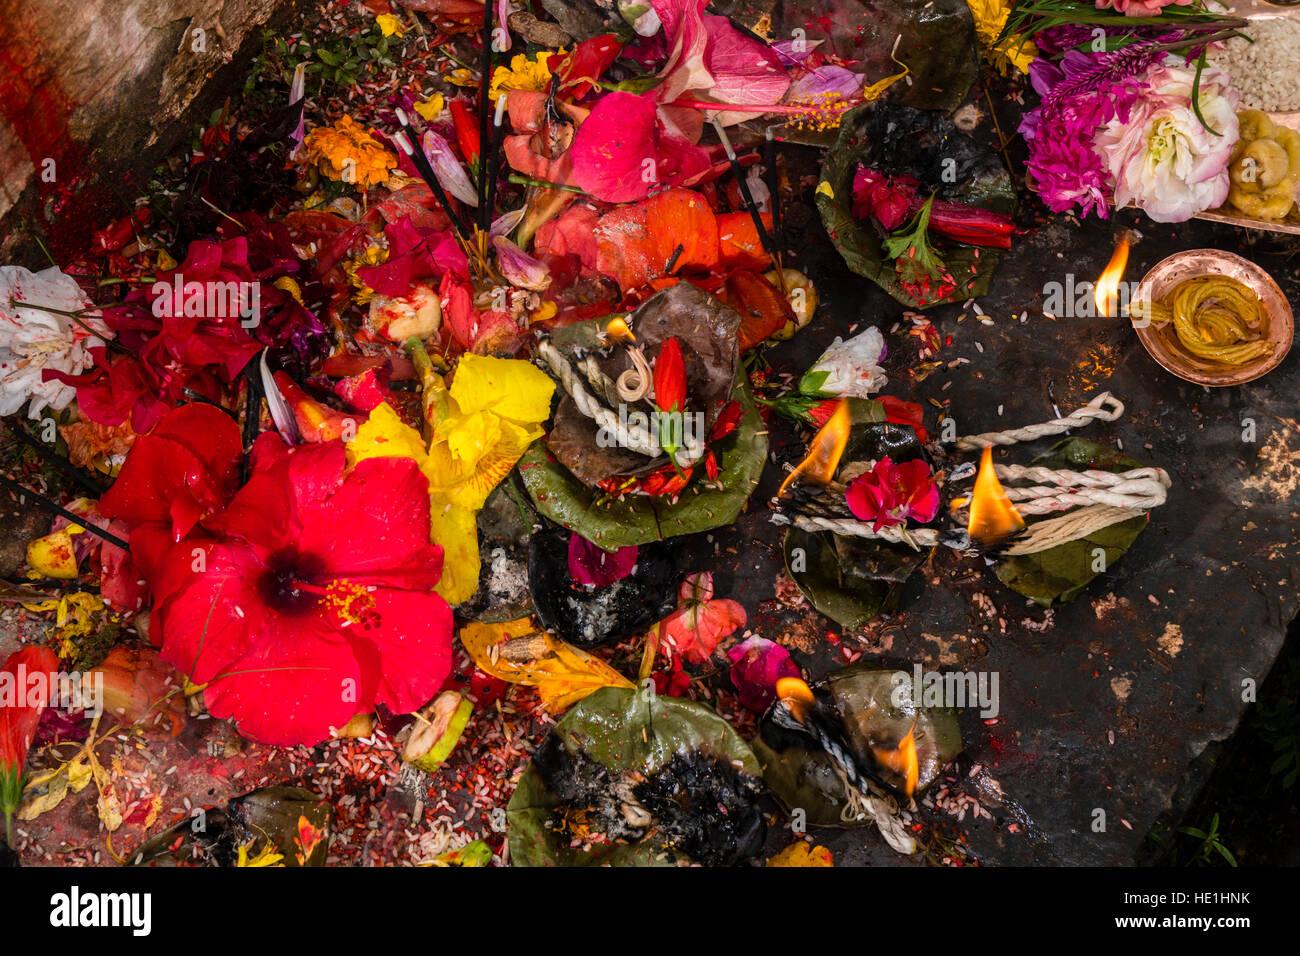 Blumen, Farbe Pulver, Früchte, Blätter, Reis und incence Sticks sind ...